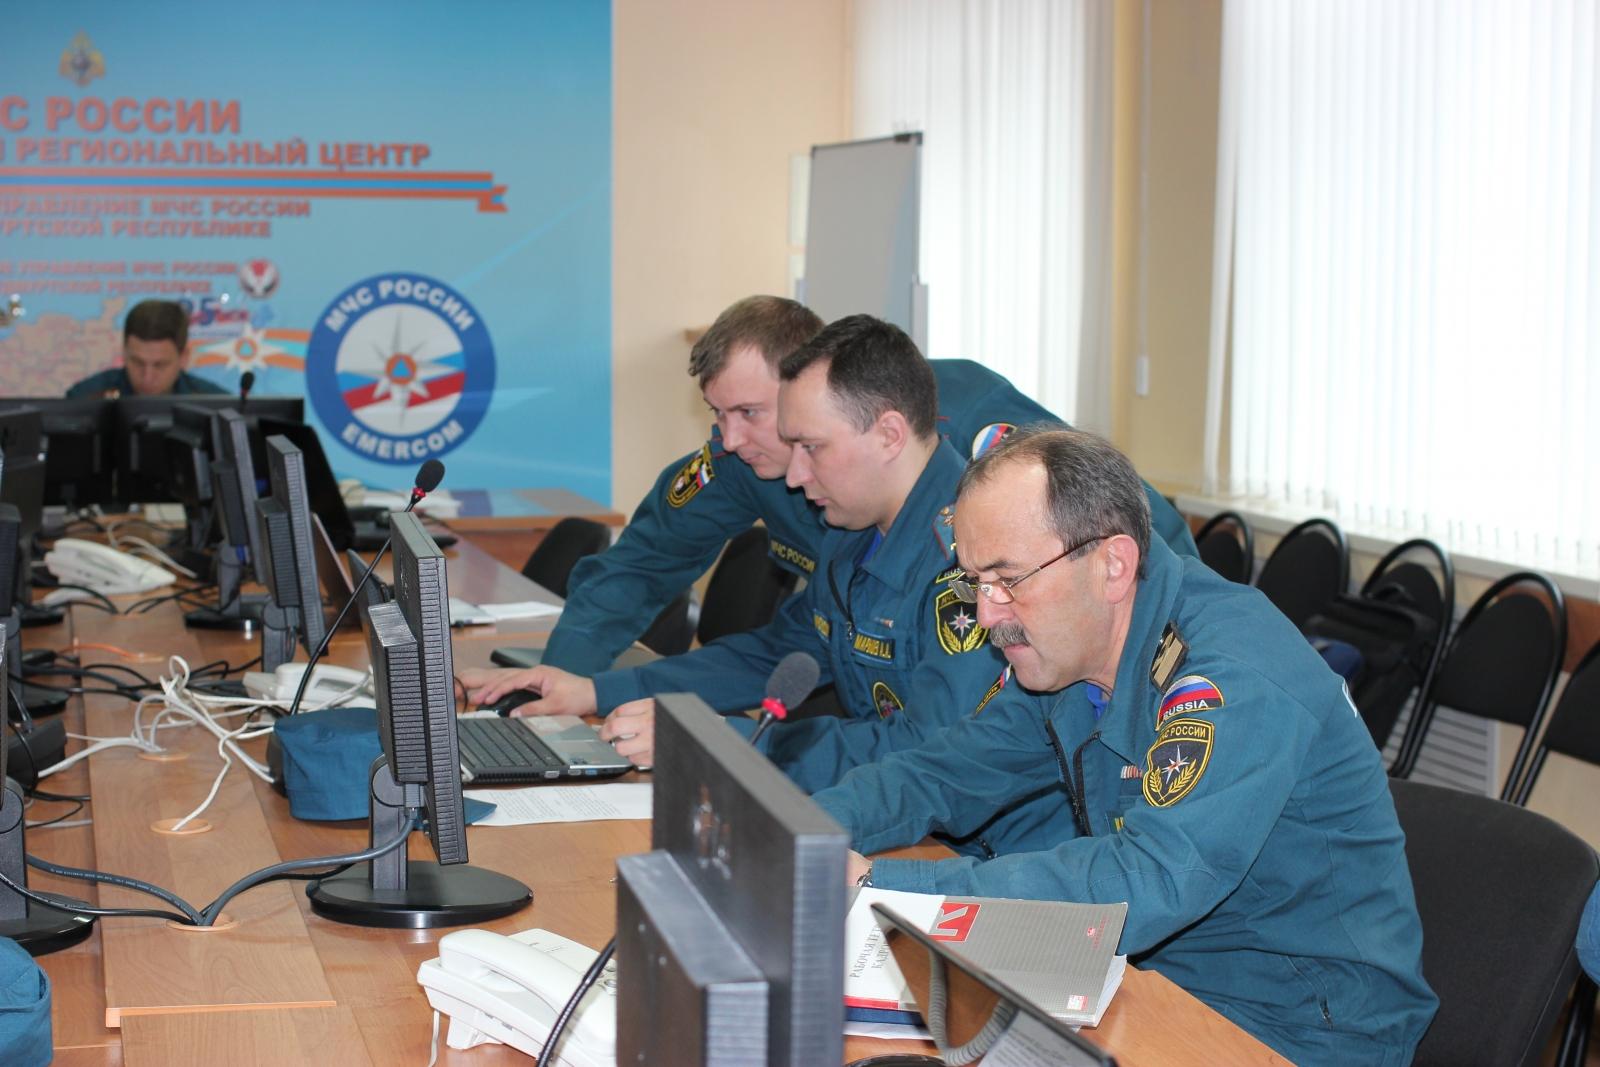 Командно-штабная тренировка 21-23 апреля 2015 г.